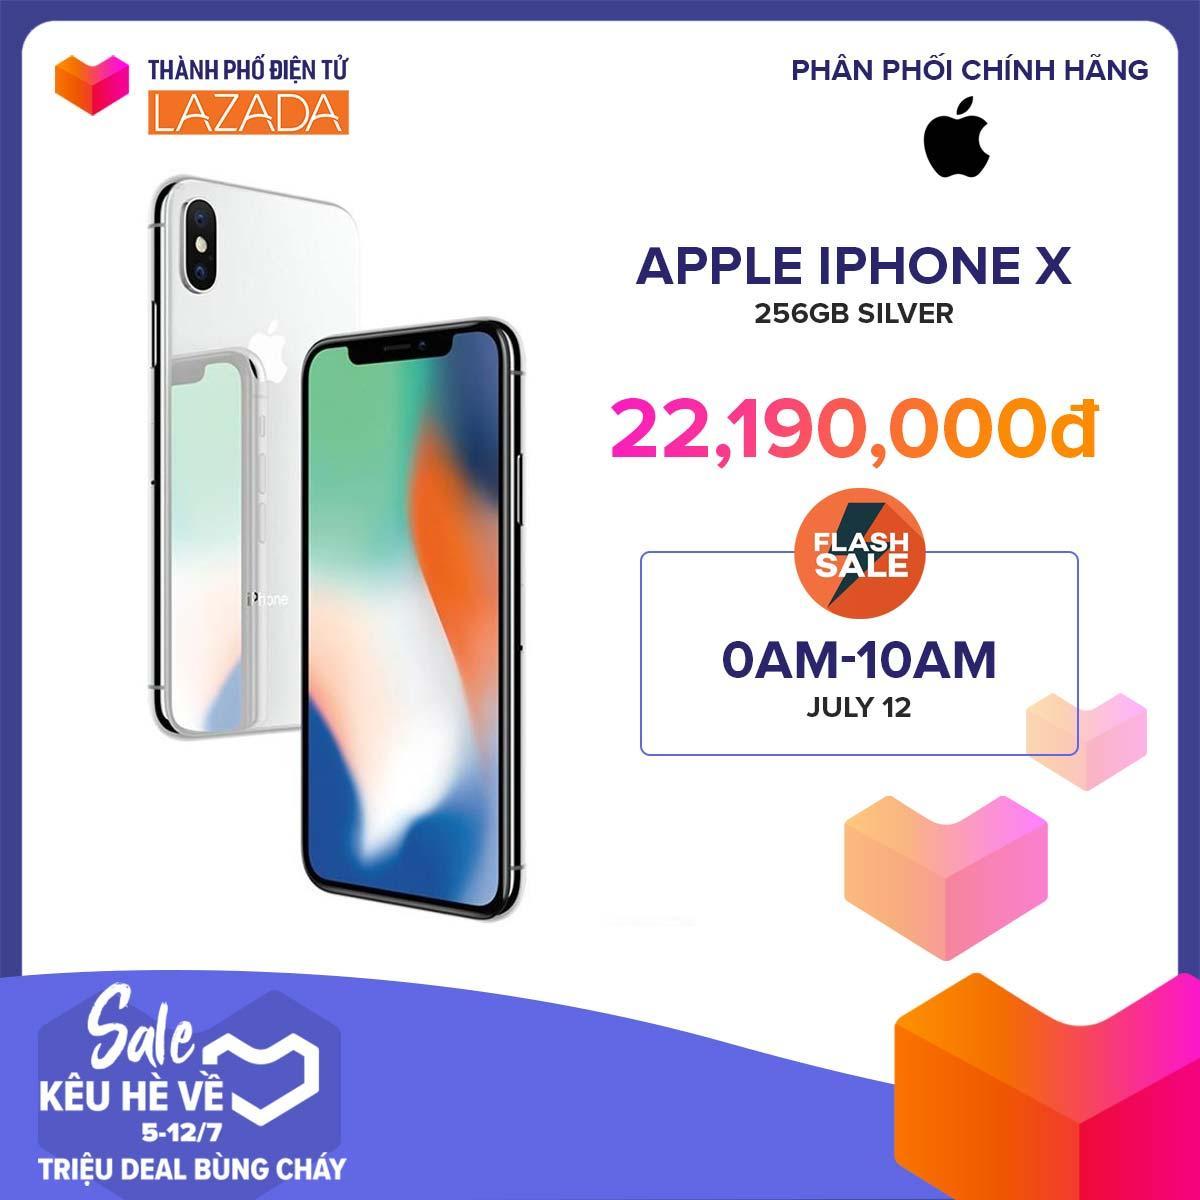 Điện Thoại Apple iPhone X 256GB - Hàng Chính Hãng Mã VN/A